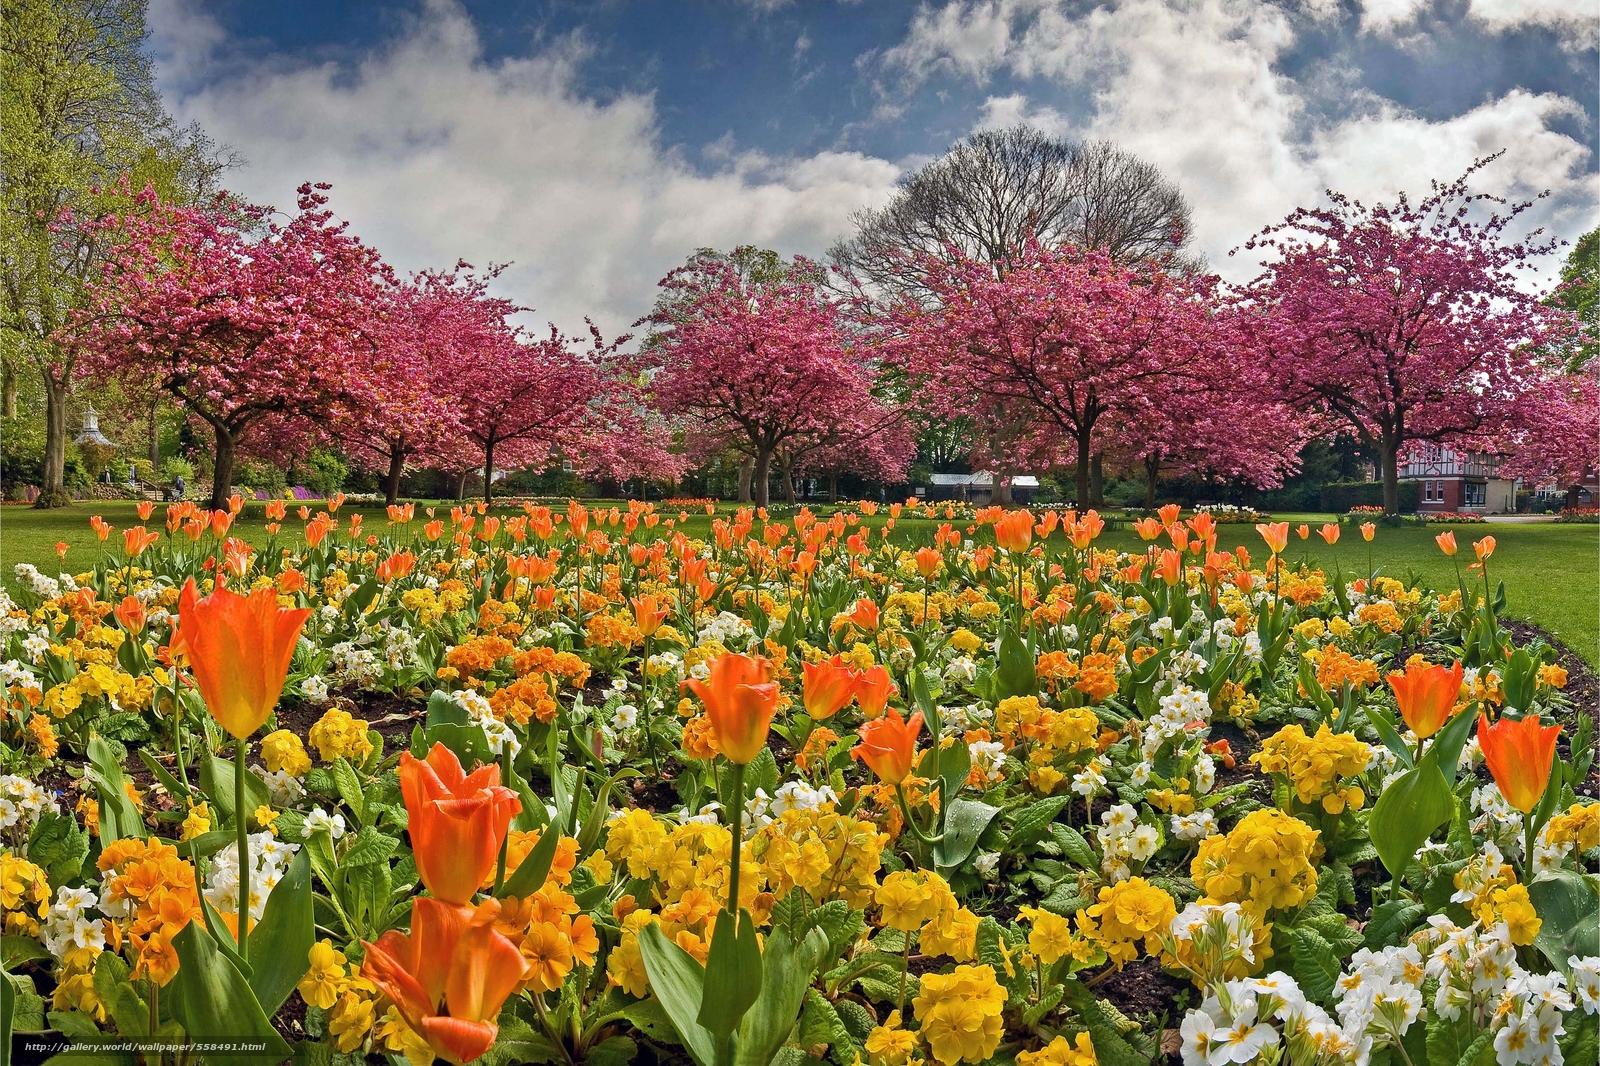 tlcharger fond d 39 ecran jardin parterre de fleurs arbres fleurs fonds d 39 ecran gratuits pour. Black Bedroom Furniture Sets. Home Design Ideas